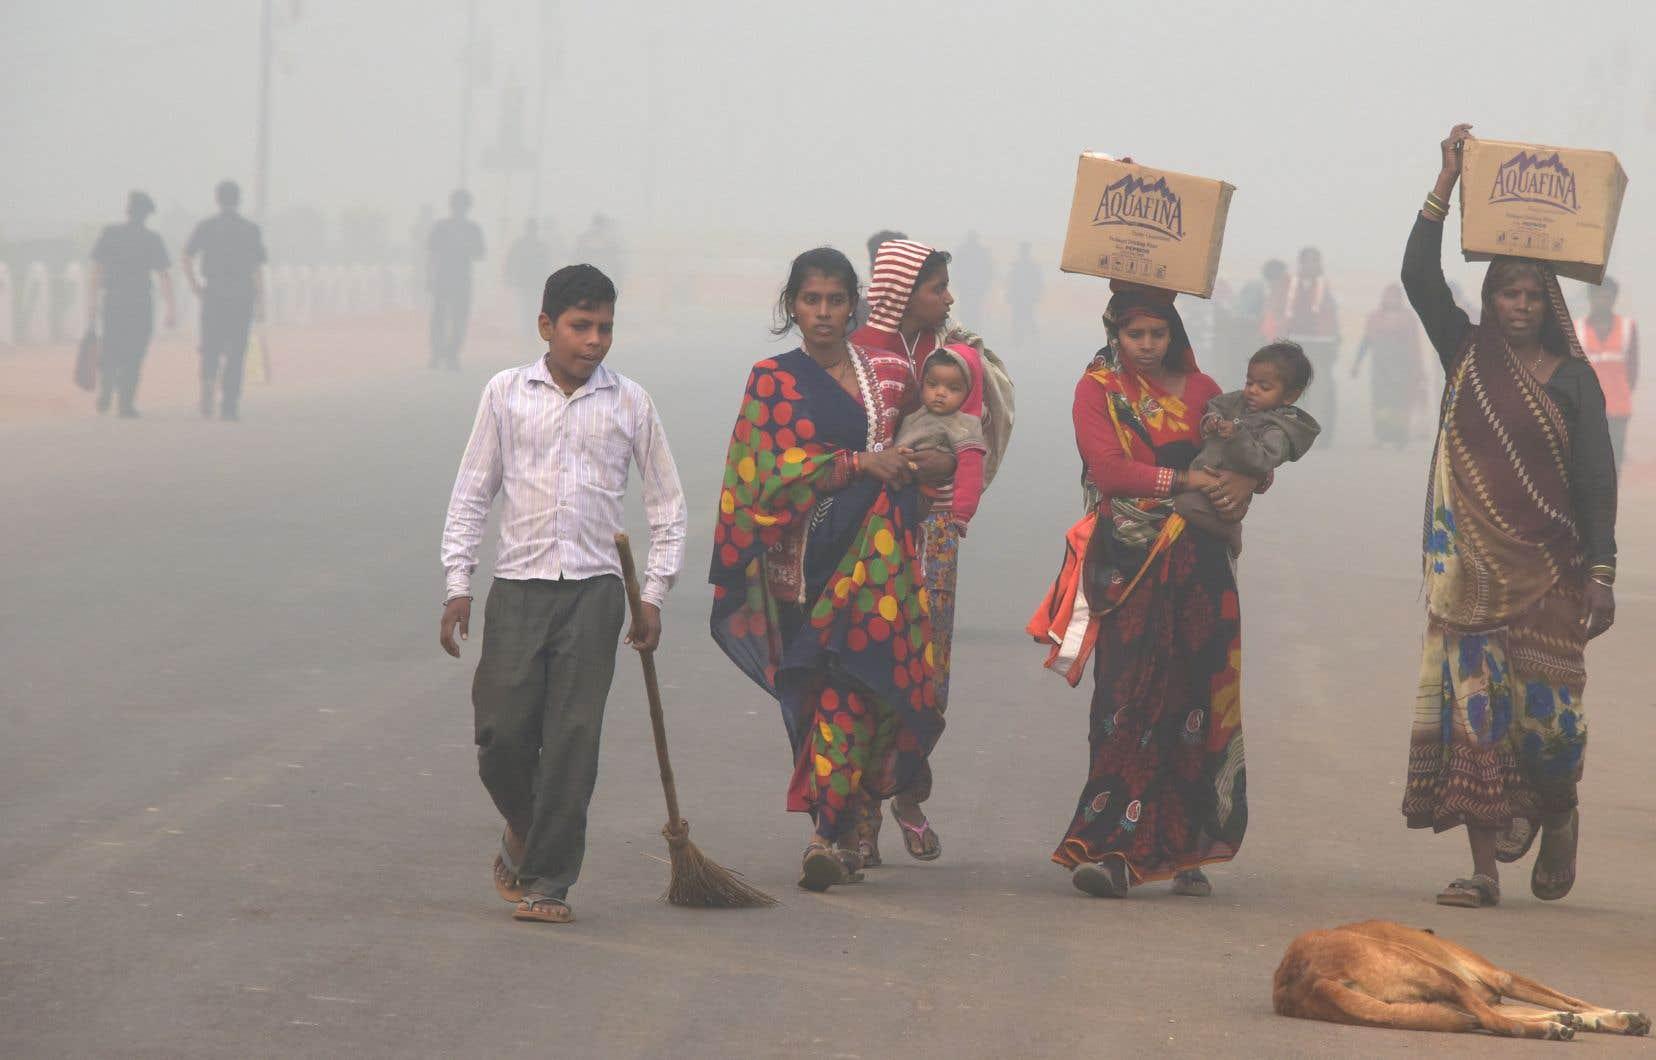 Le toxique rideau gris tombé sur les plaines du nord du sous-continent indien met en question la durabilité des modes de vie humains dans des zones aussi peuplées.